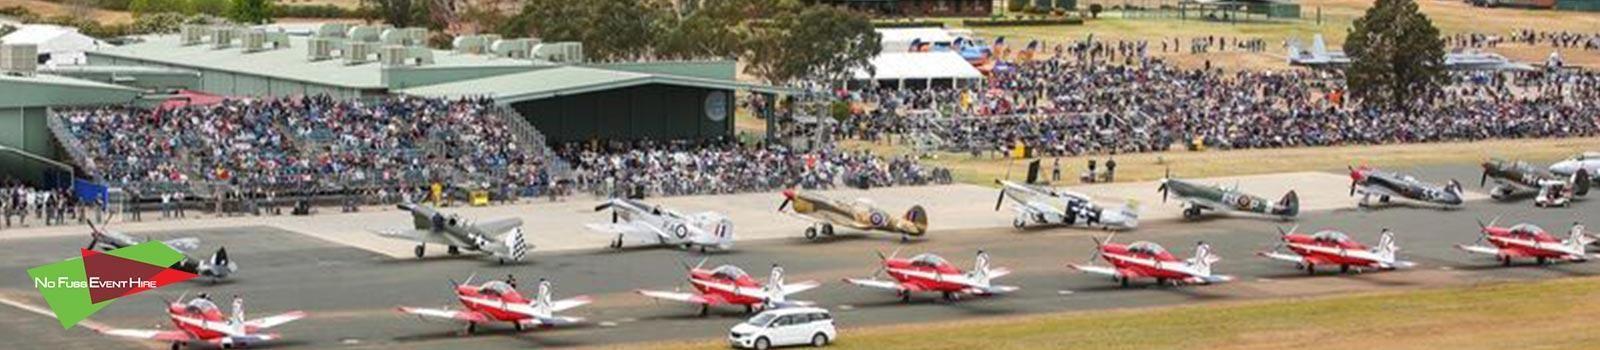 Warbirds Air Show Down Under 2018